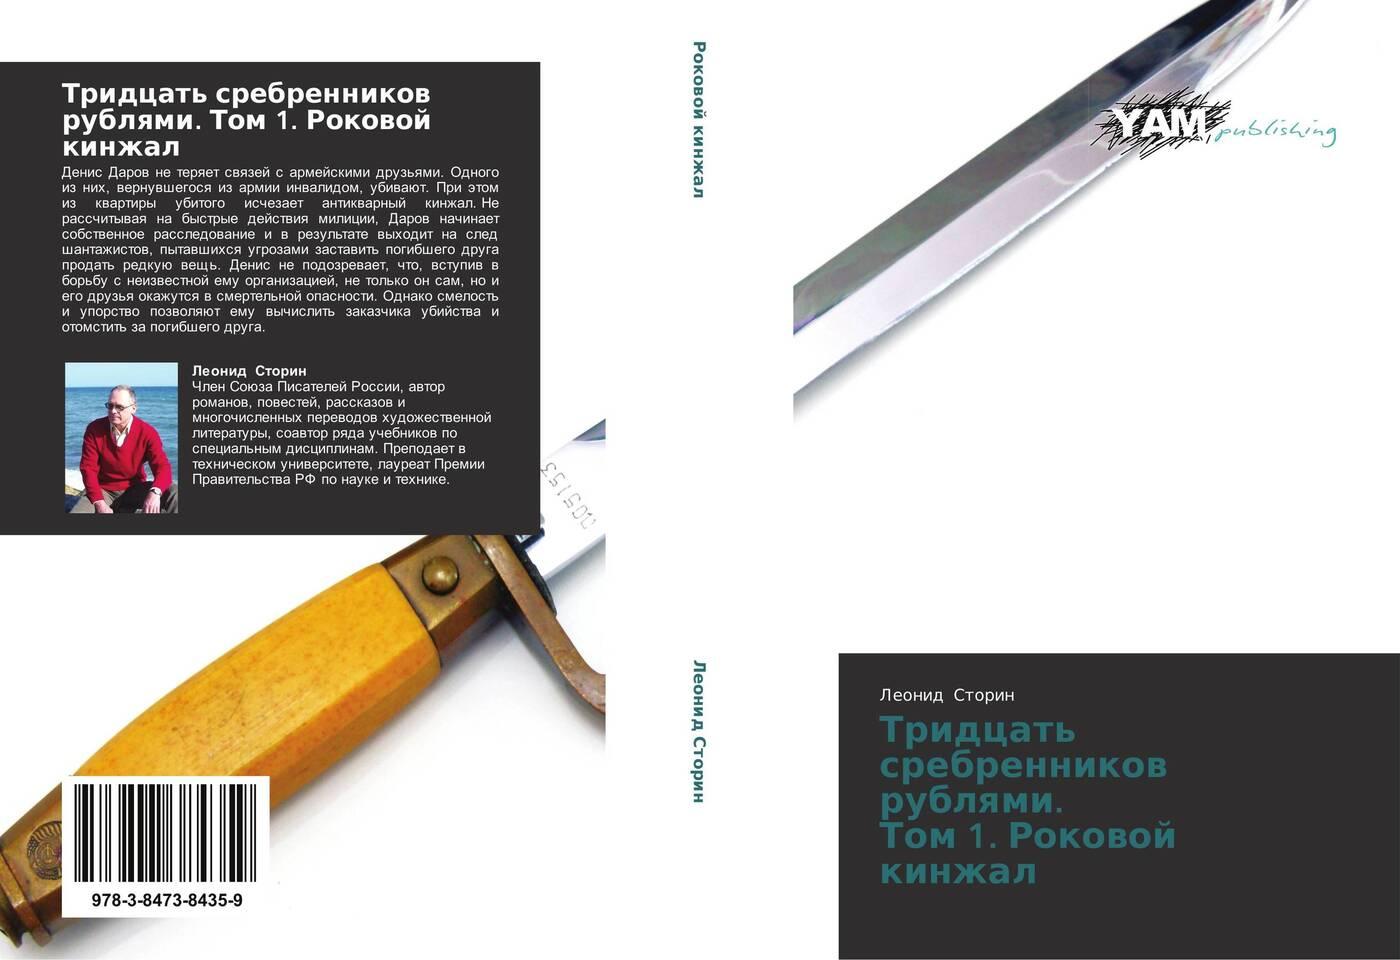 Леонид Сторин Тридцать сребренников рублями. Том 1. Роковой кинжал